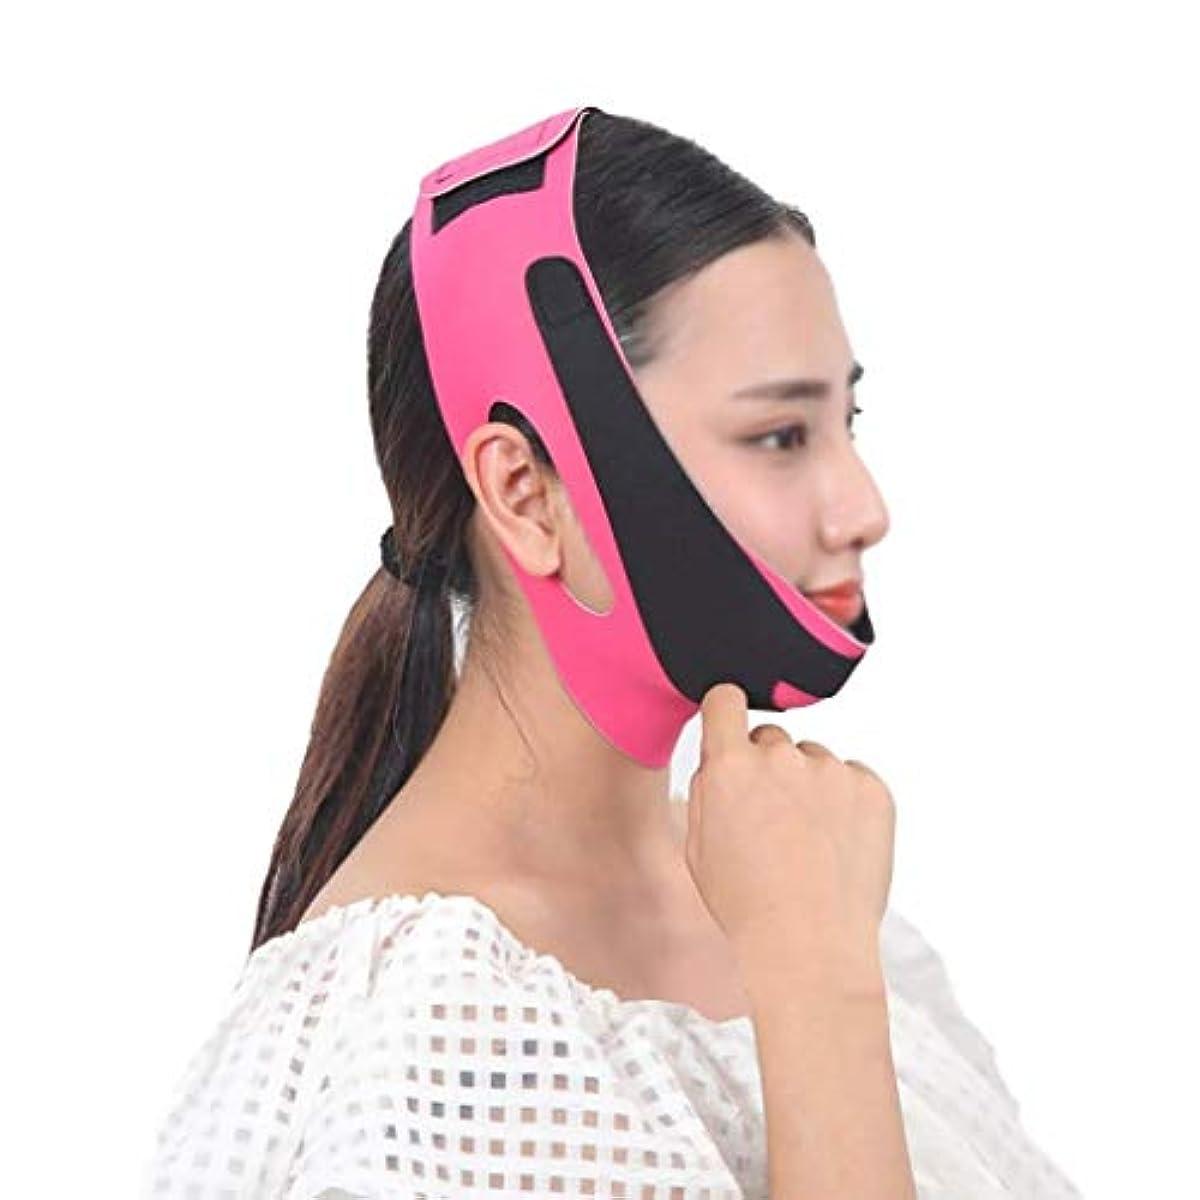 対応入射言語フェイスアンドネックリフト術後弾性フェイスマスク小さなV顔アーティファクト薄い顔包帯アーティファクトV顔ぶら下げ耳リフティング引き締め薄い顔アーティファクト